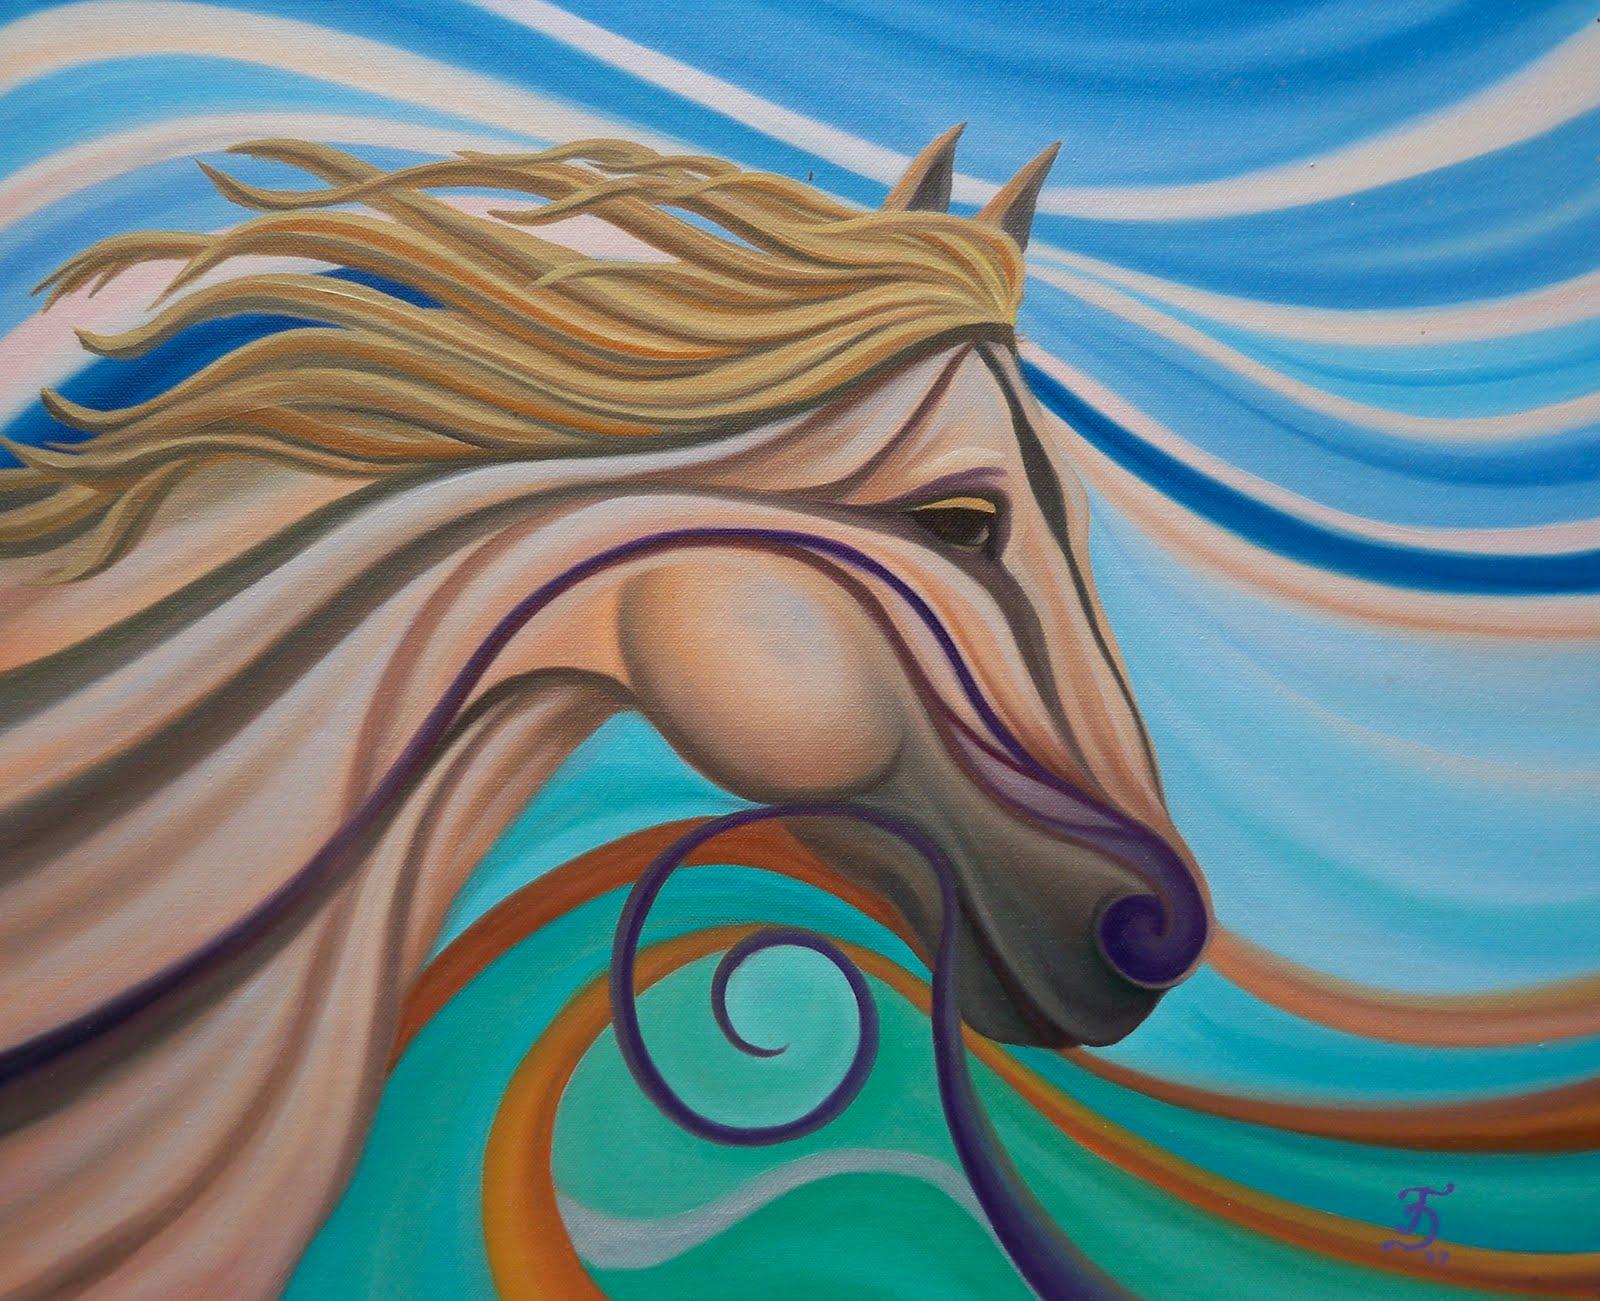 Image gallery pinturas - Colores en pintura ...